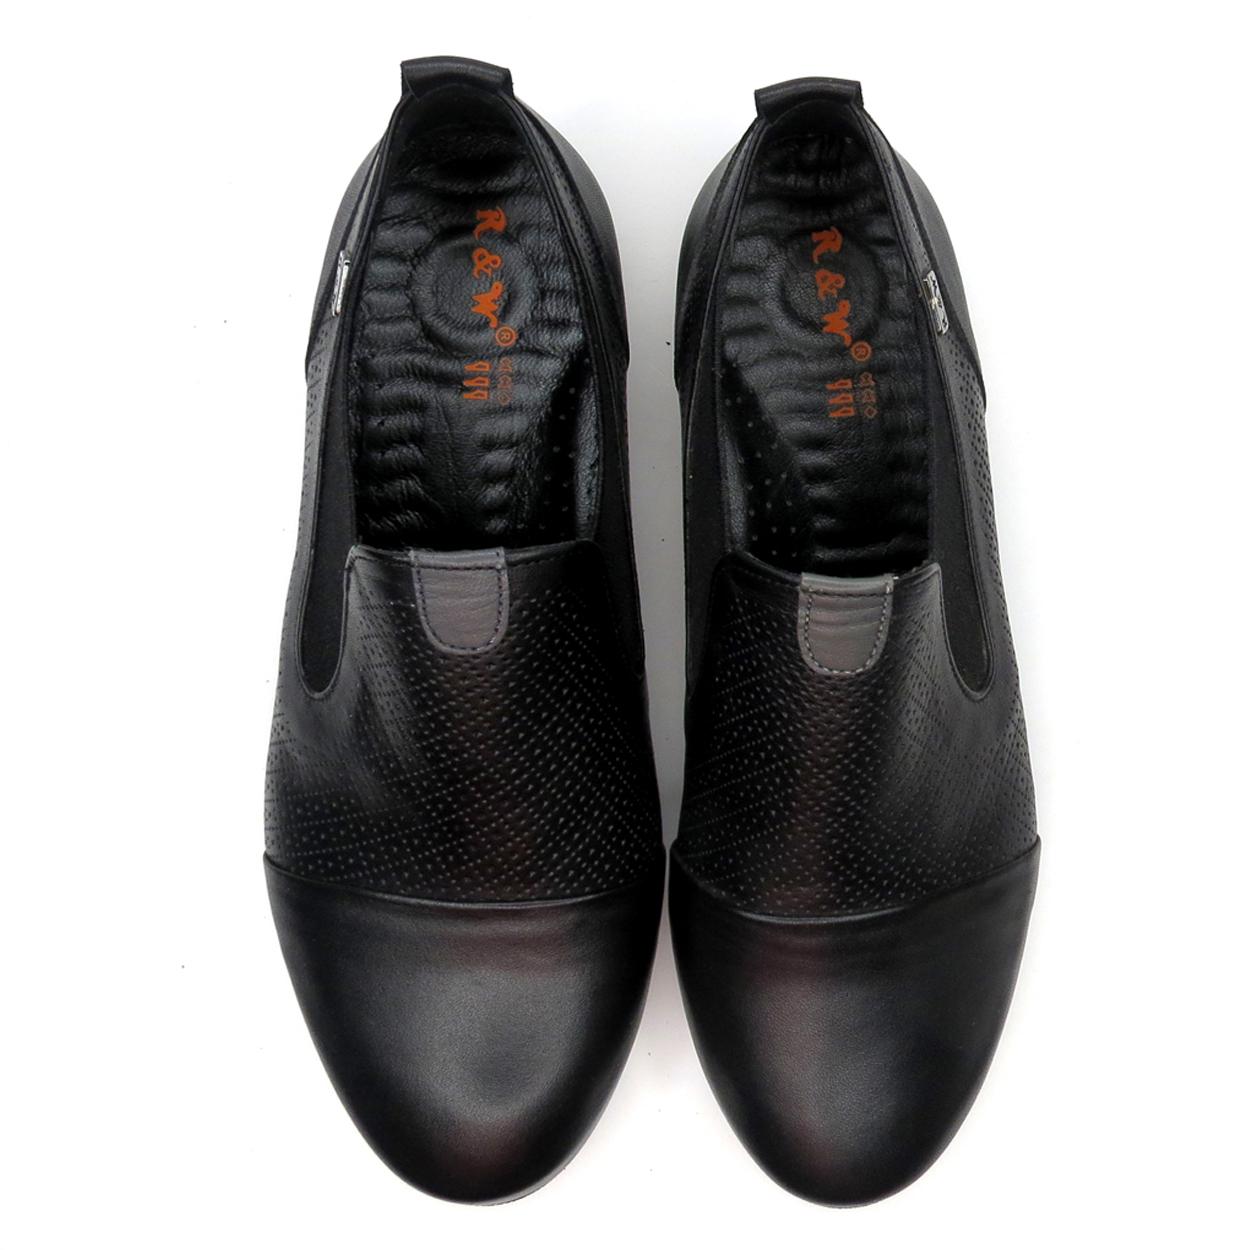 کفش زنانه آر اند دبلیو مدل 611 رنگ مشکی -  - 4